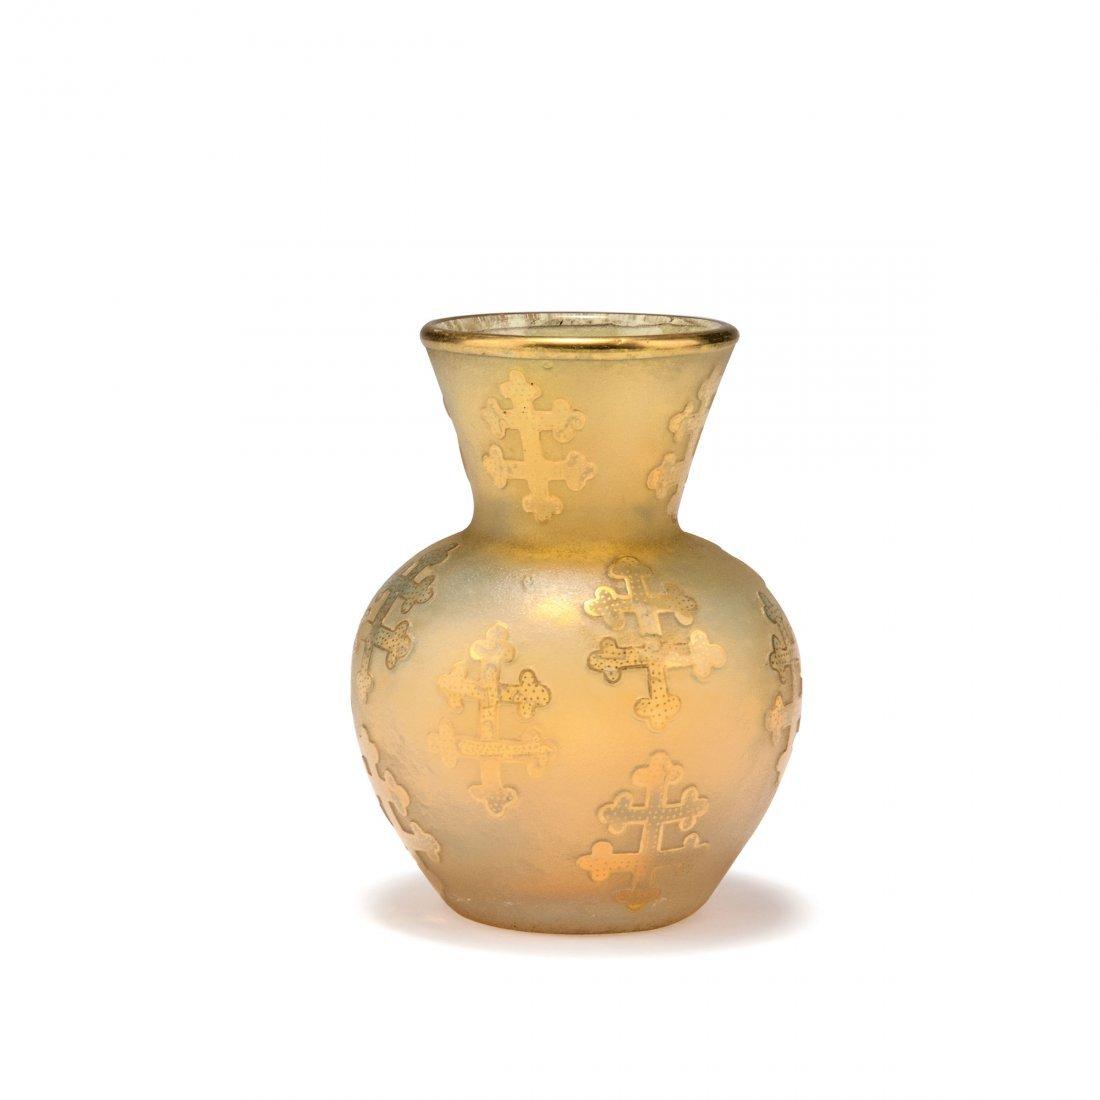 Small 'Croix de Lorraine' vase, c1895